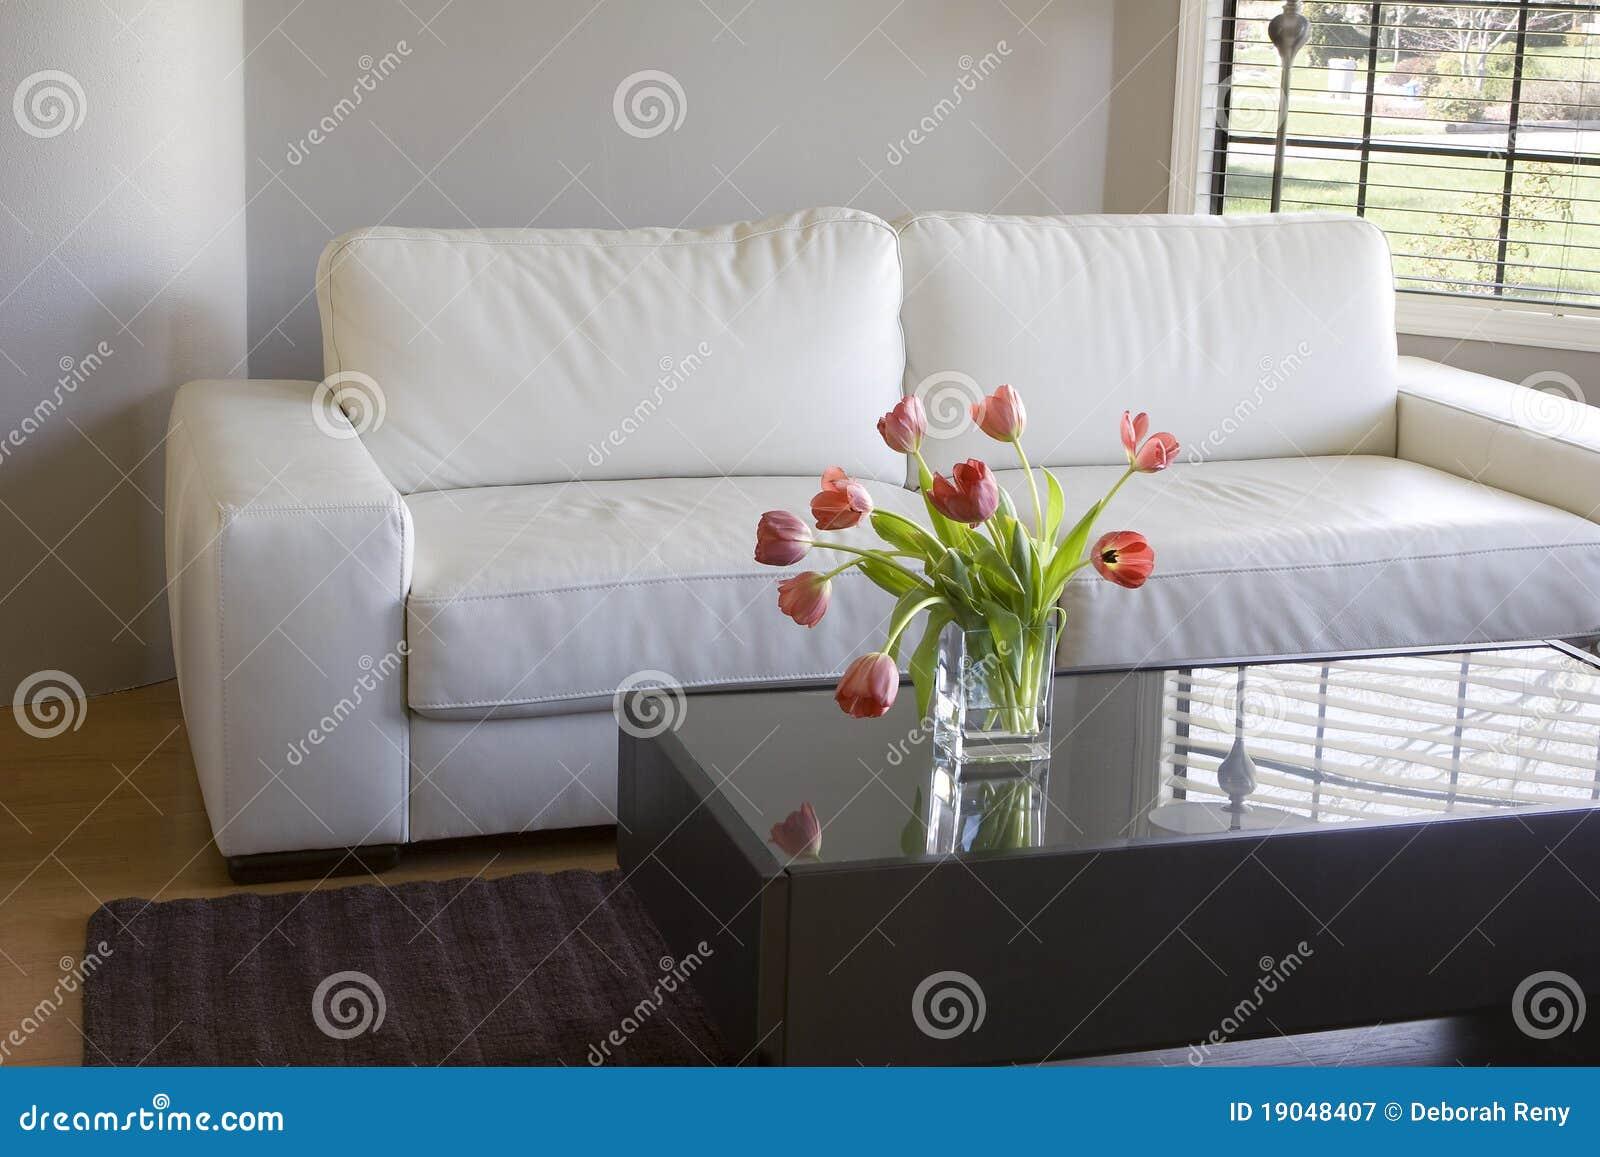 Rote Tulpen Im Modernen Wohnzimmer - Hauptdekor Lizenzfreie ...